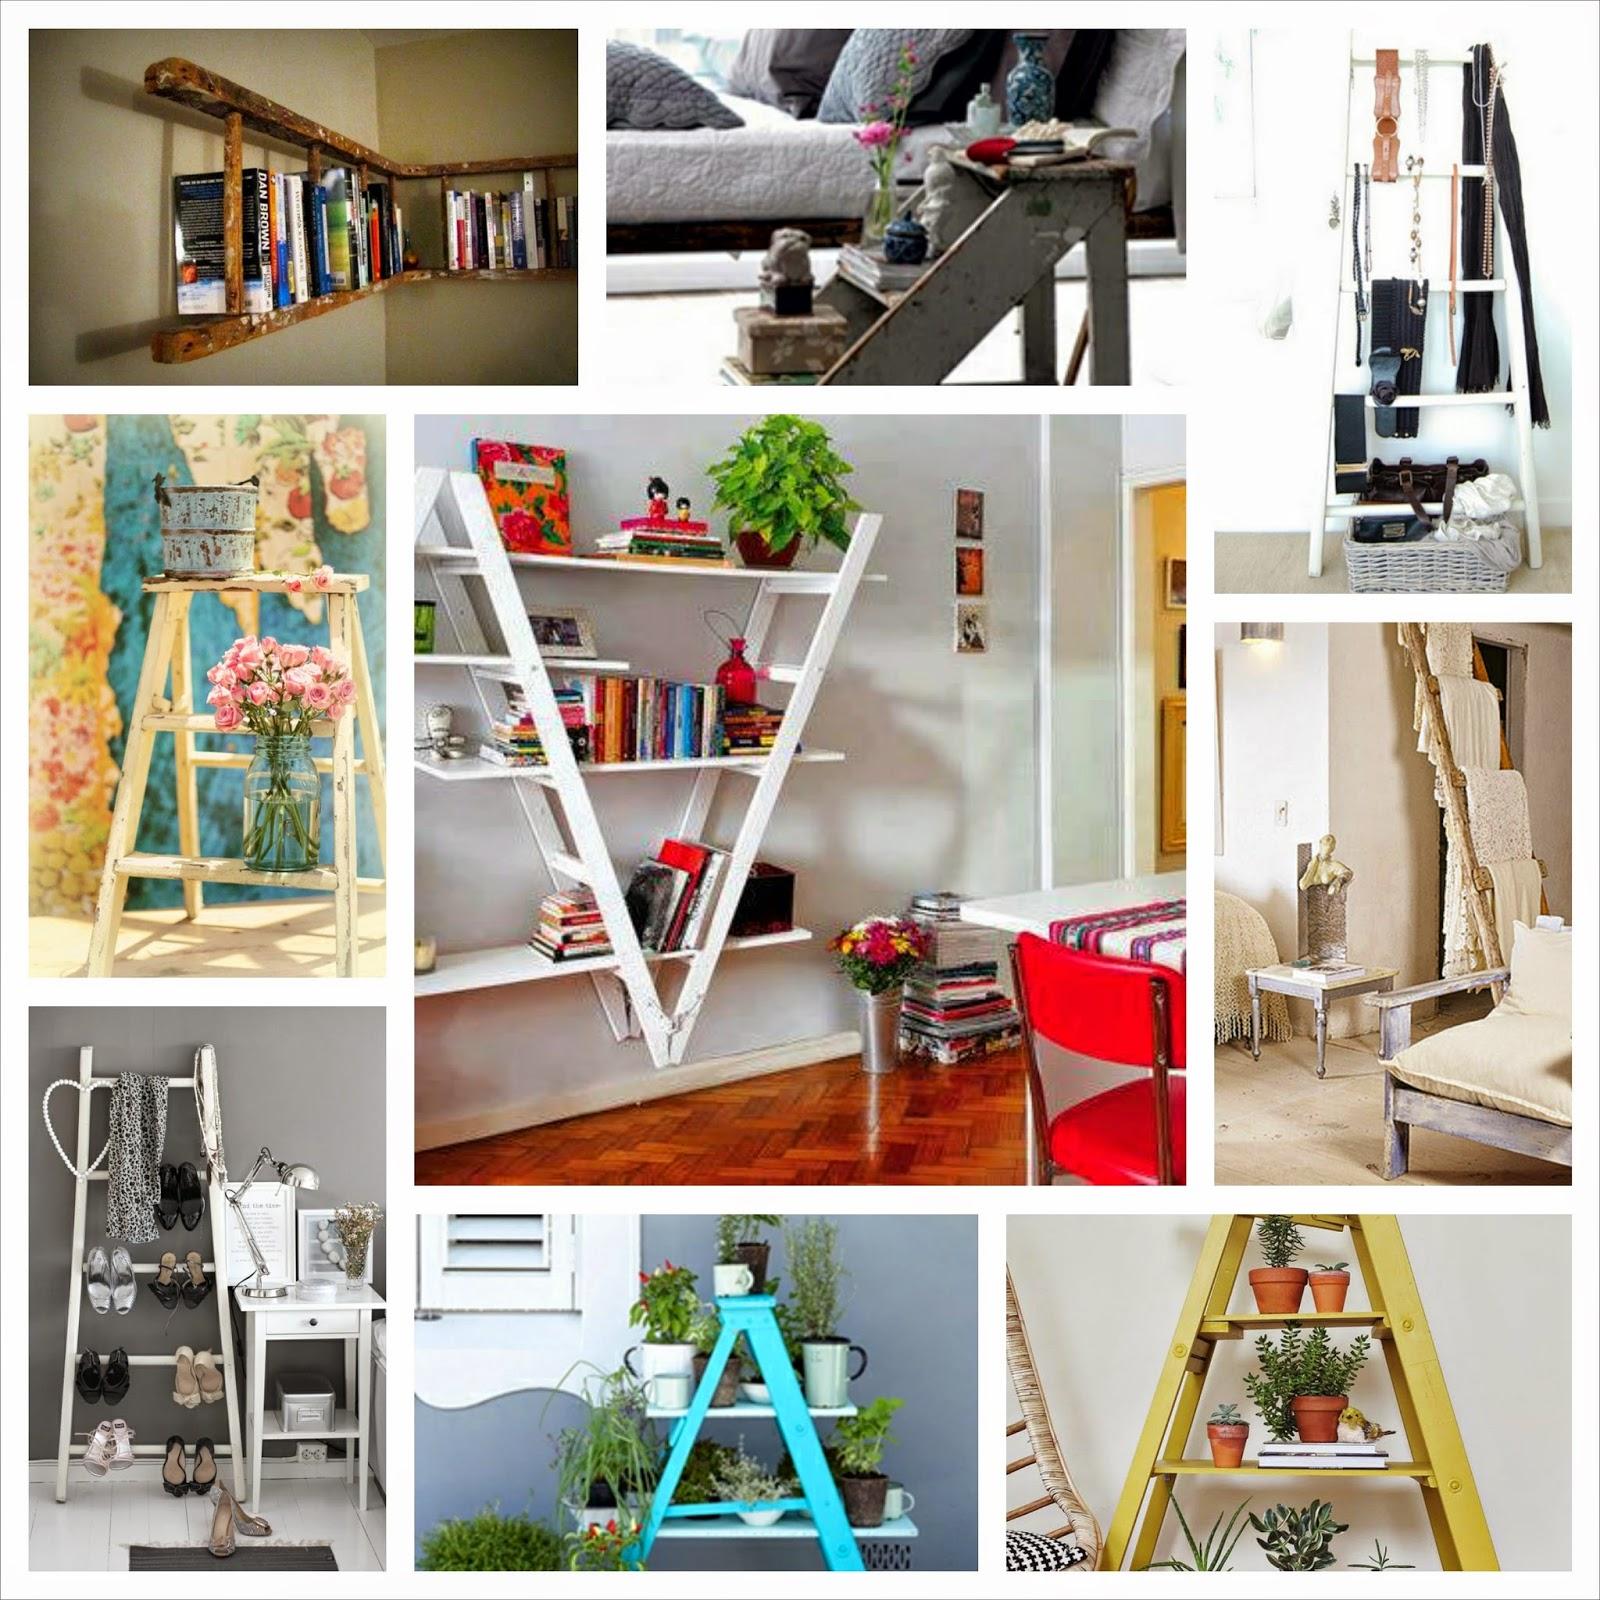 Decoracao De Sala Pequena Vintage ~  salamodelos de escadadecoração de # decoracao de sala pequena